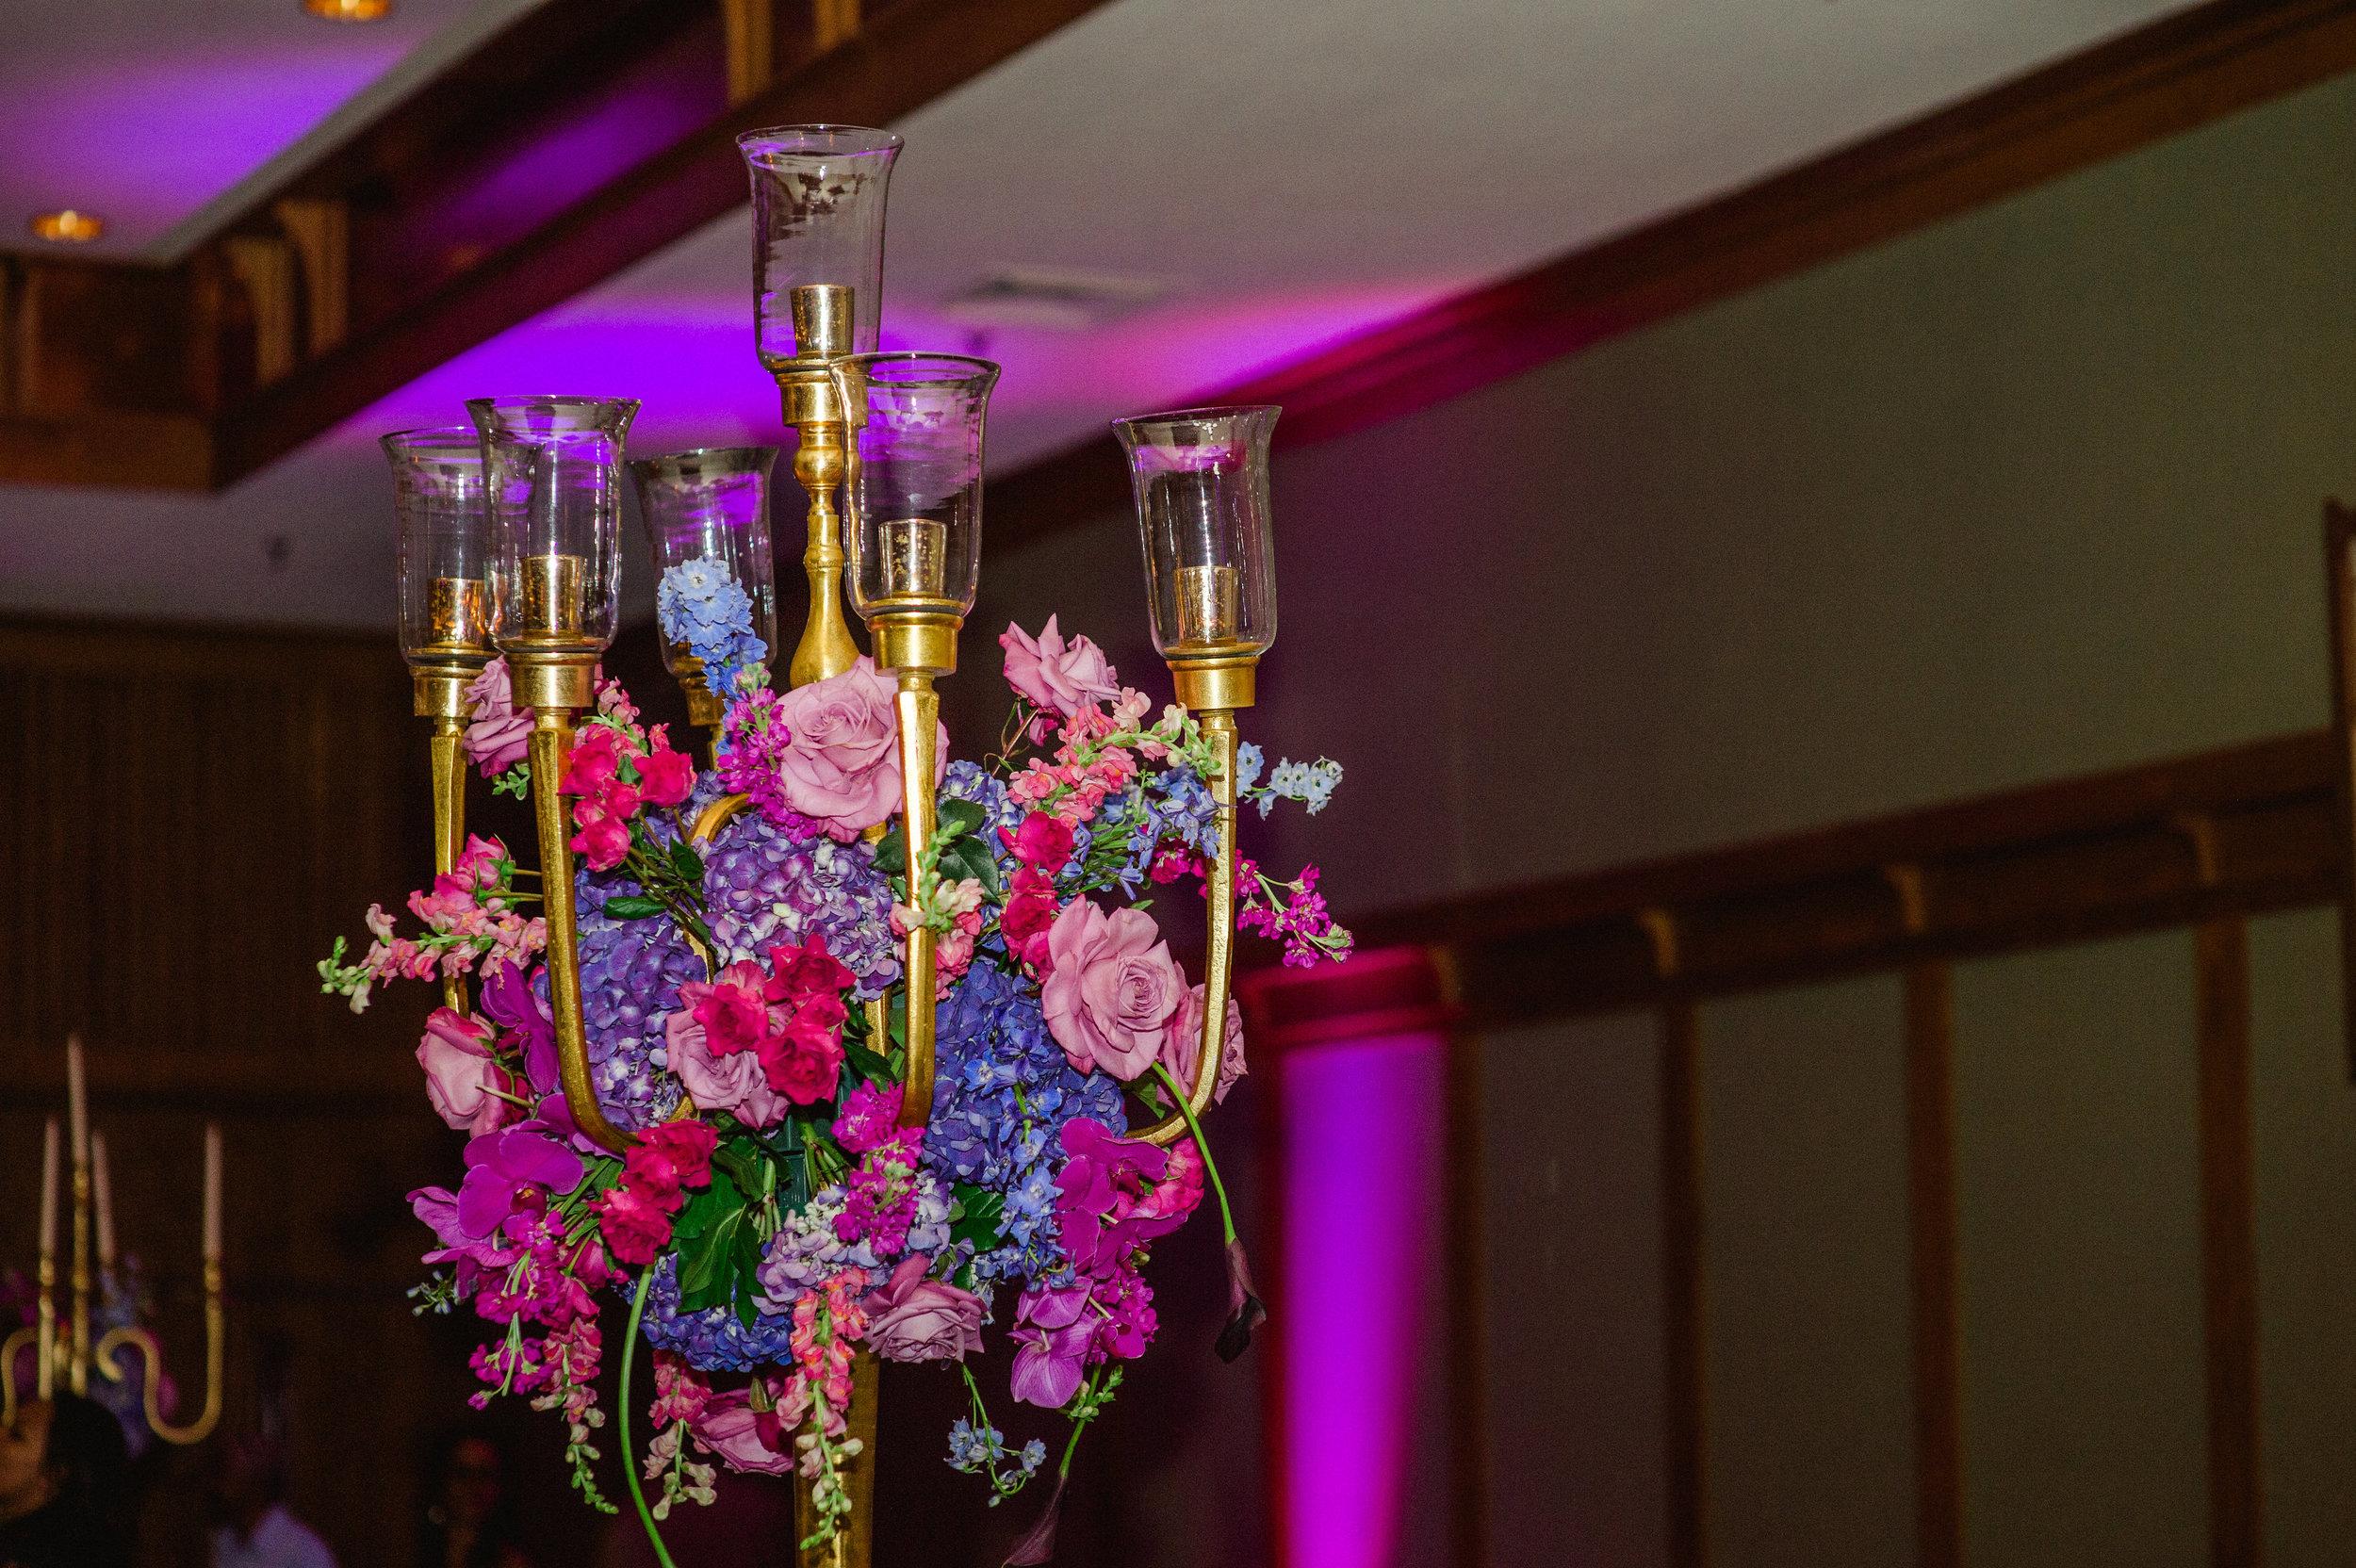 imani&chris|wedding|details-122.jpg